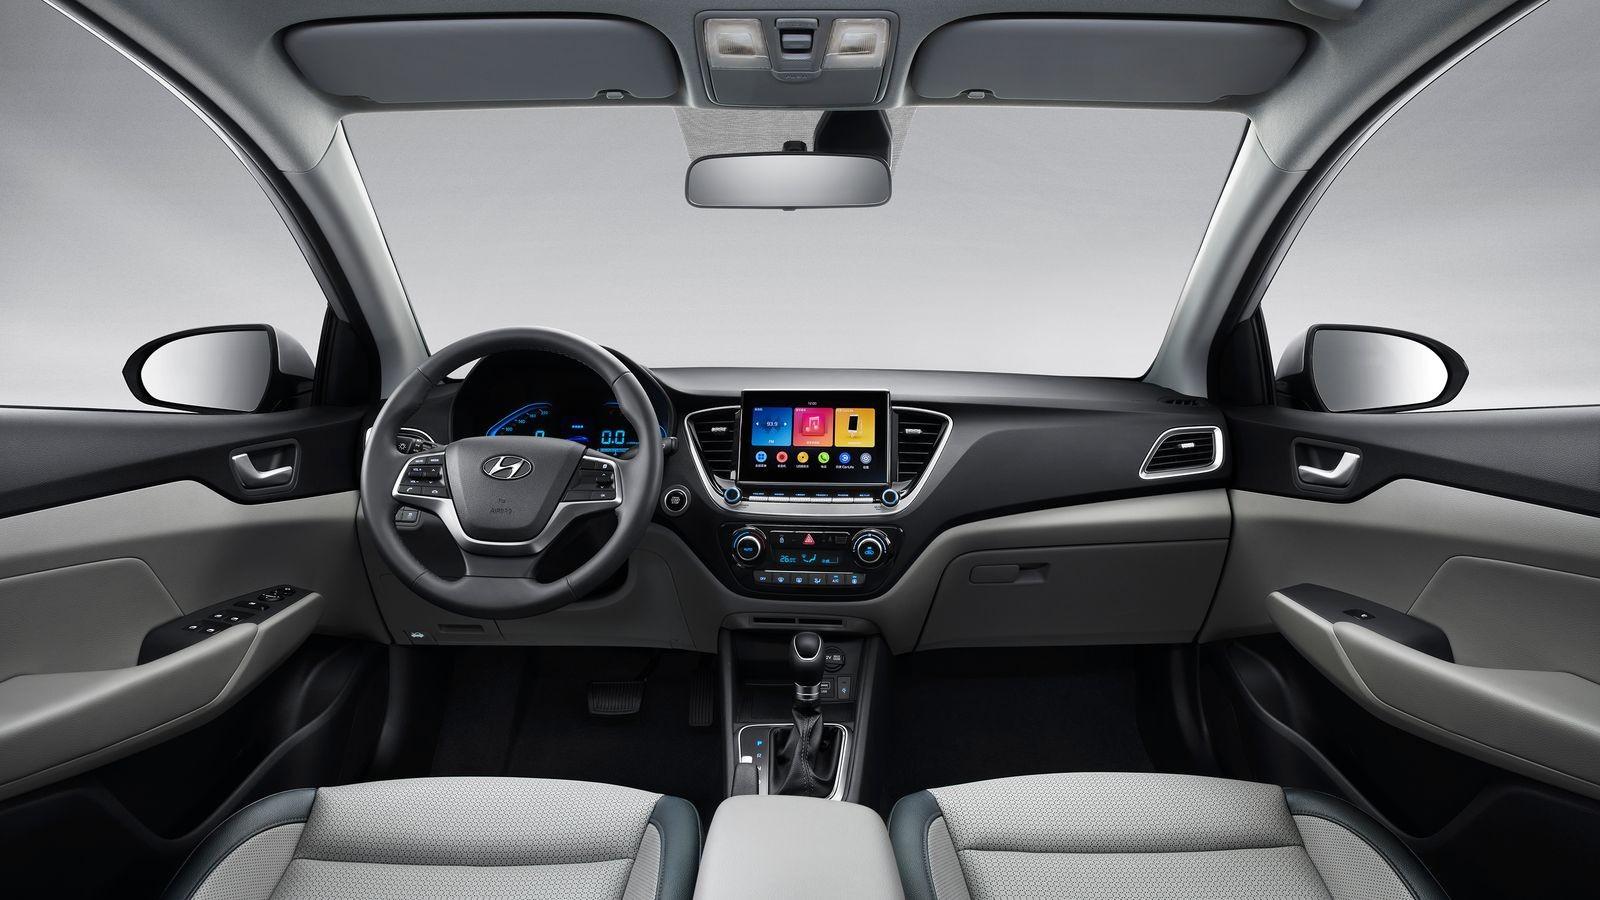 Обновлённый российский Hyundai Solaris: официальные фото вслед за утечкой